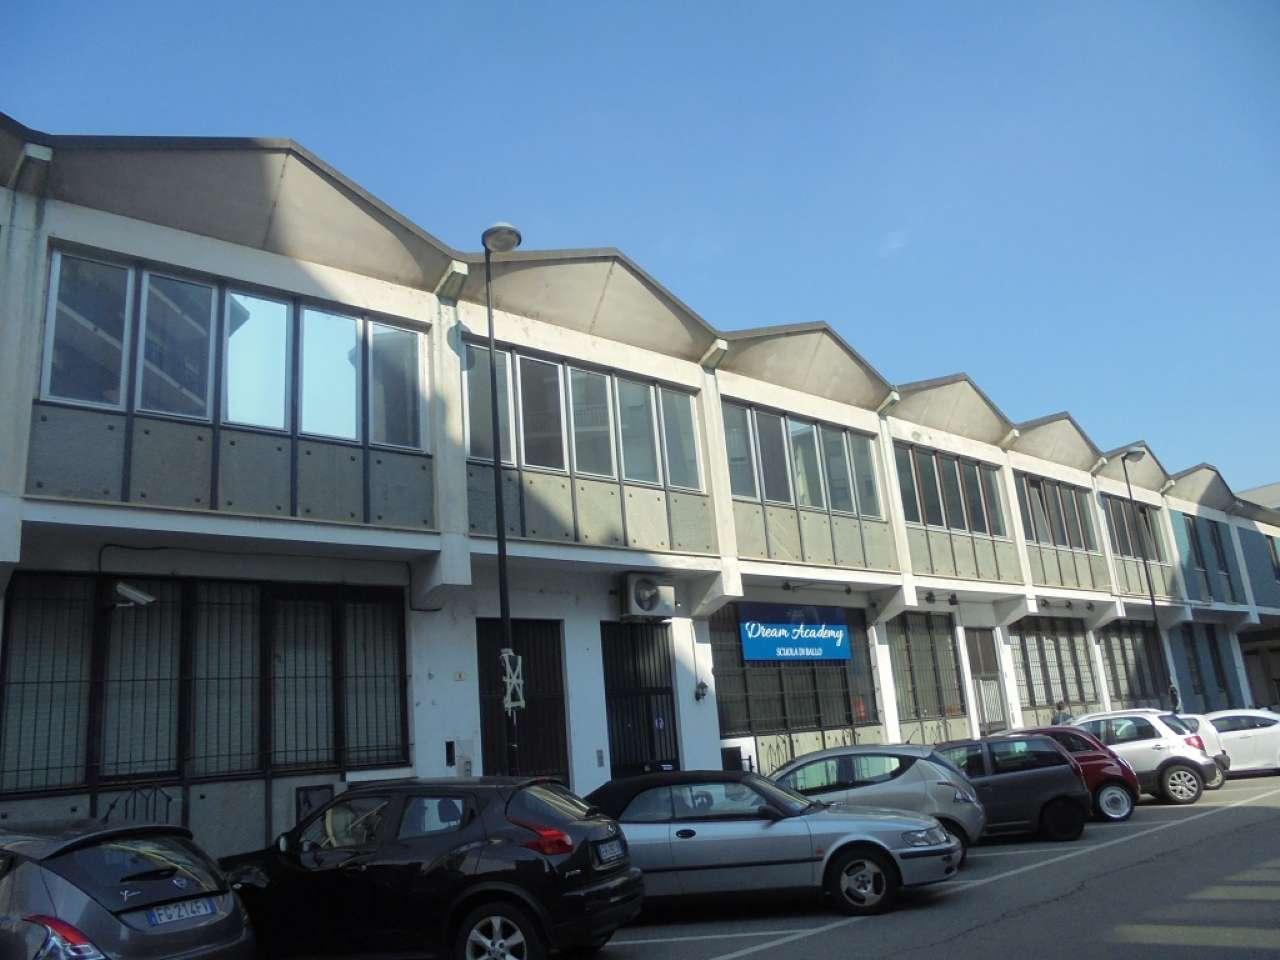 Immobile Commerciale in vendita a Beinasco, 9999 locali, prezzo € 179.000 | CambioCasa.it